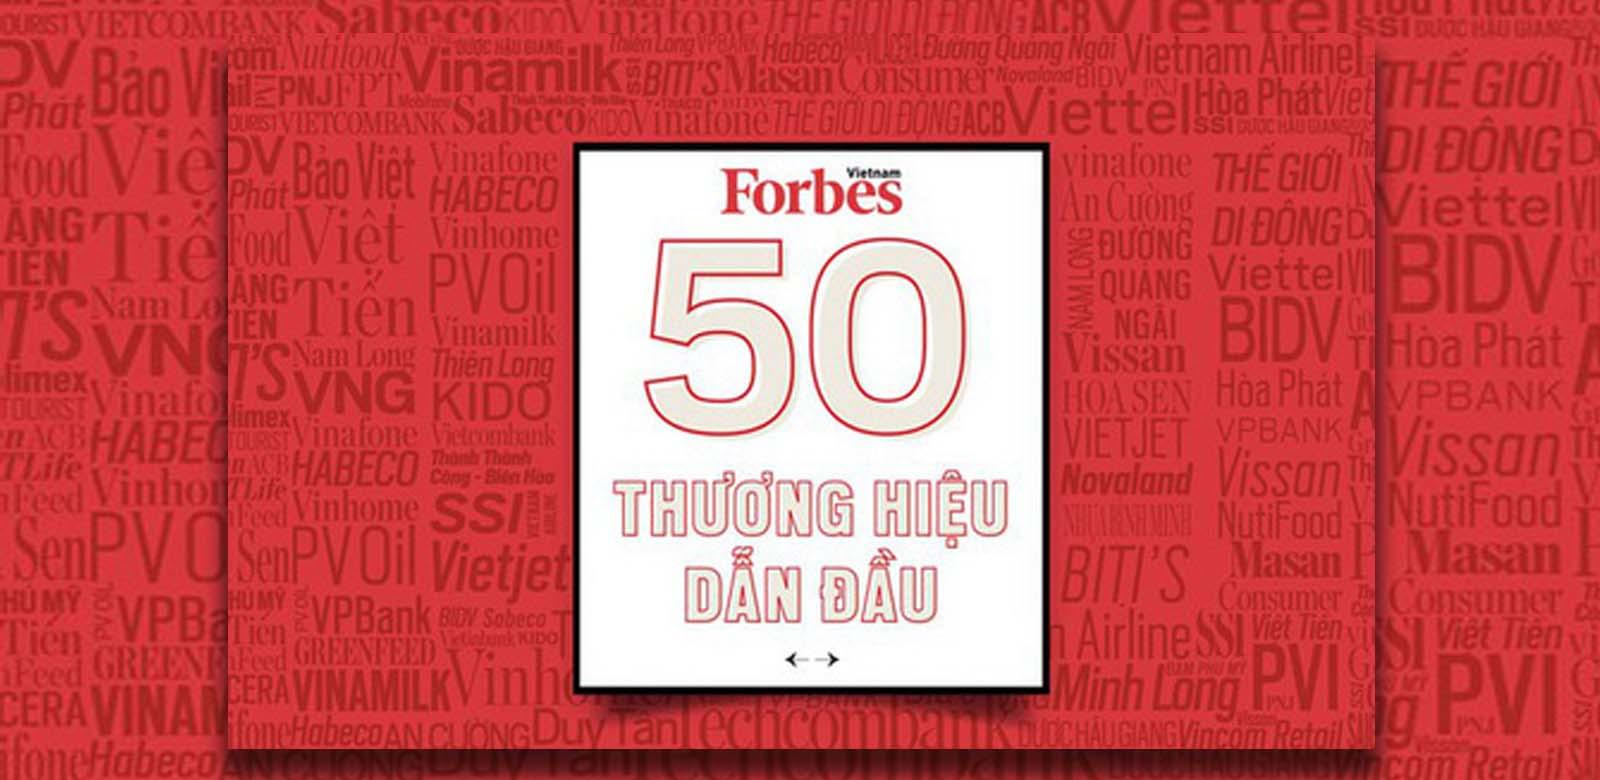 FPT NẰM TRONG TOP 50 THƯƠNG HIỆU DẪN ĐẦU 2020